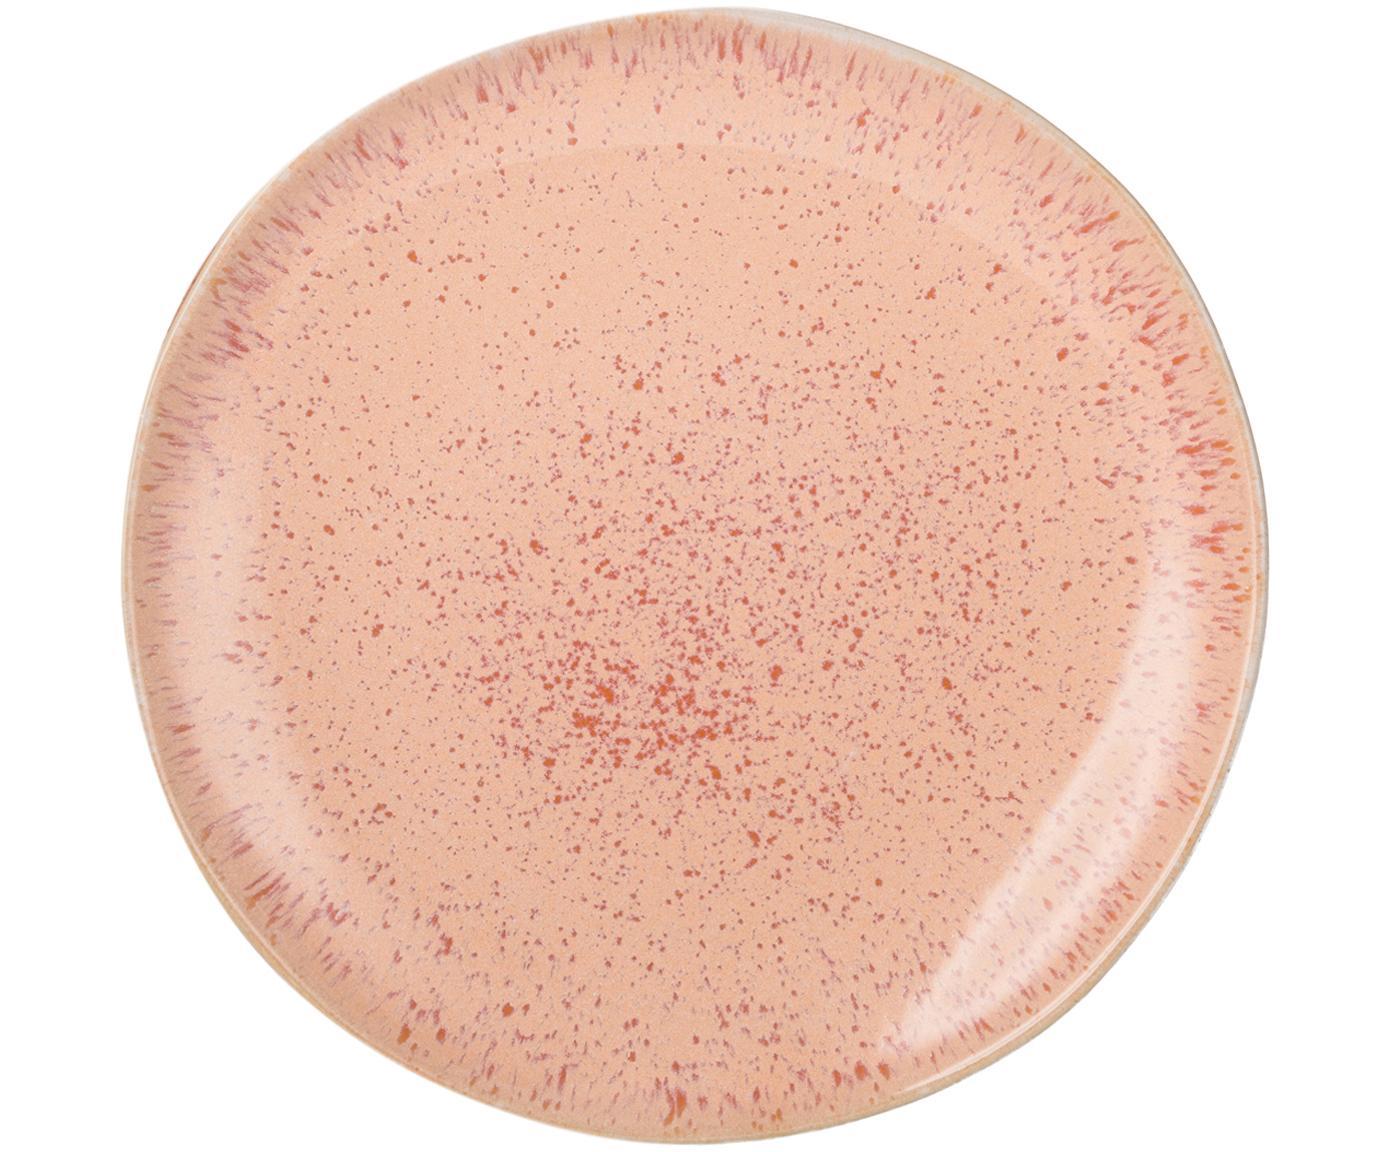 Handgeschilderde ontbijtborden Areia, 2 stuks, Keramiek, Roodtinten, gebroken wit, lichtbeige, Ø 22 cm